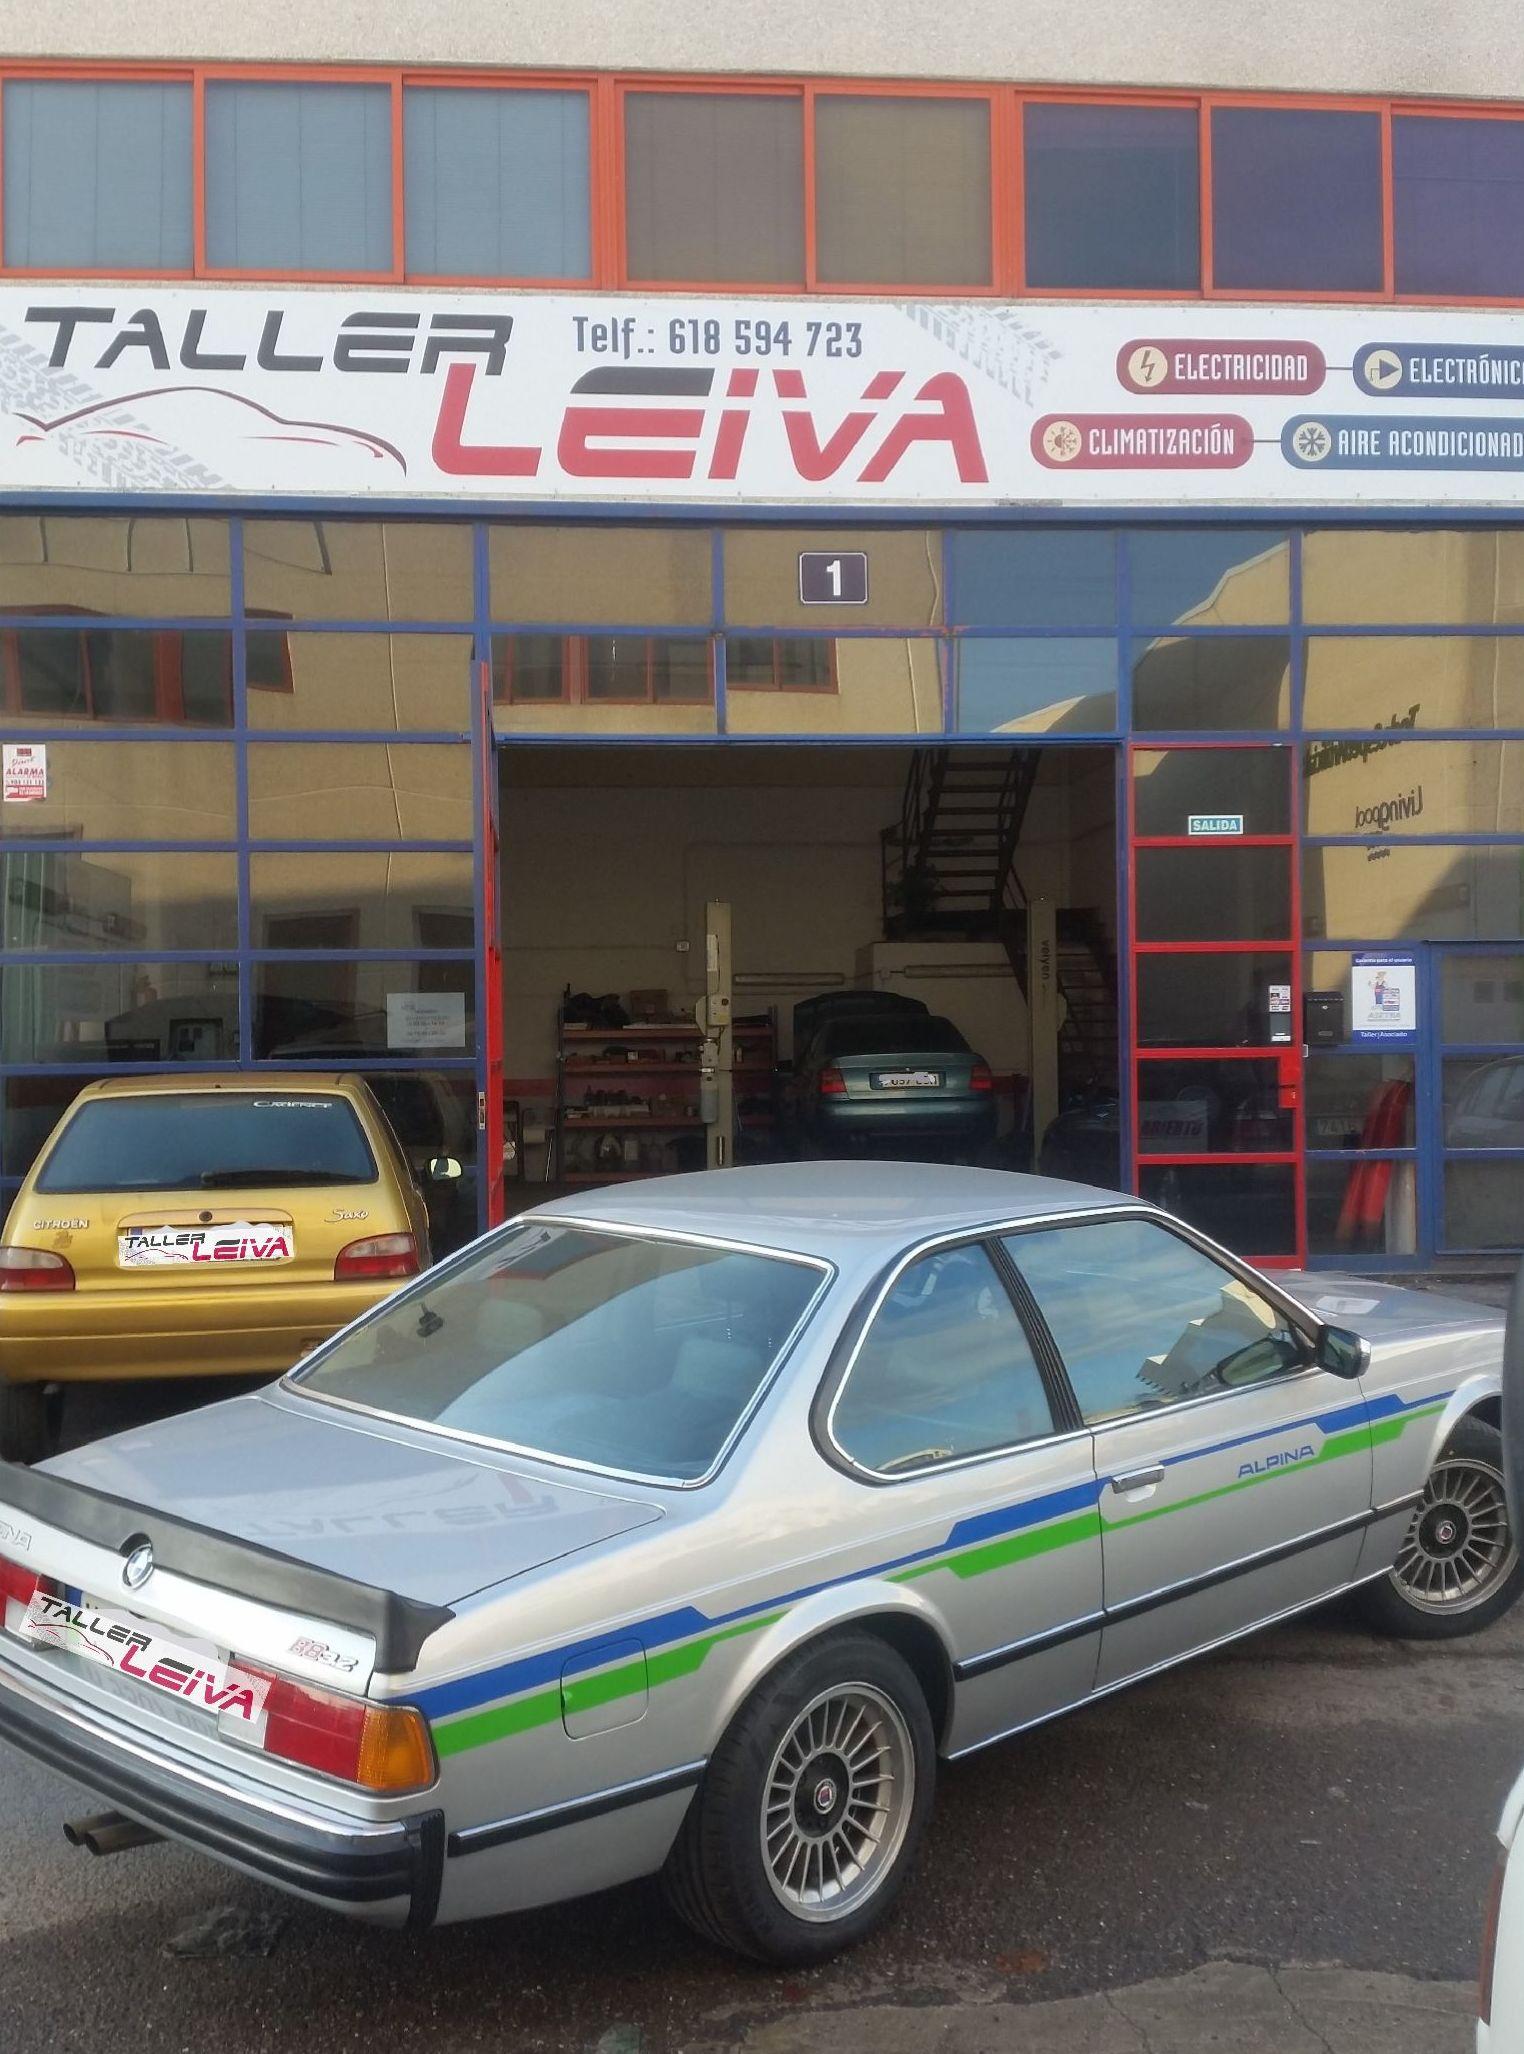 Foto 64 de Talleres de automóviles en Las Rozas | Leiva Taller